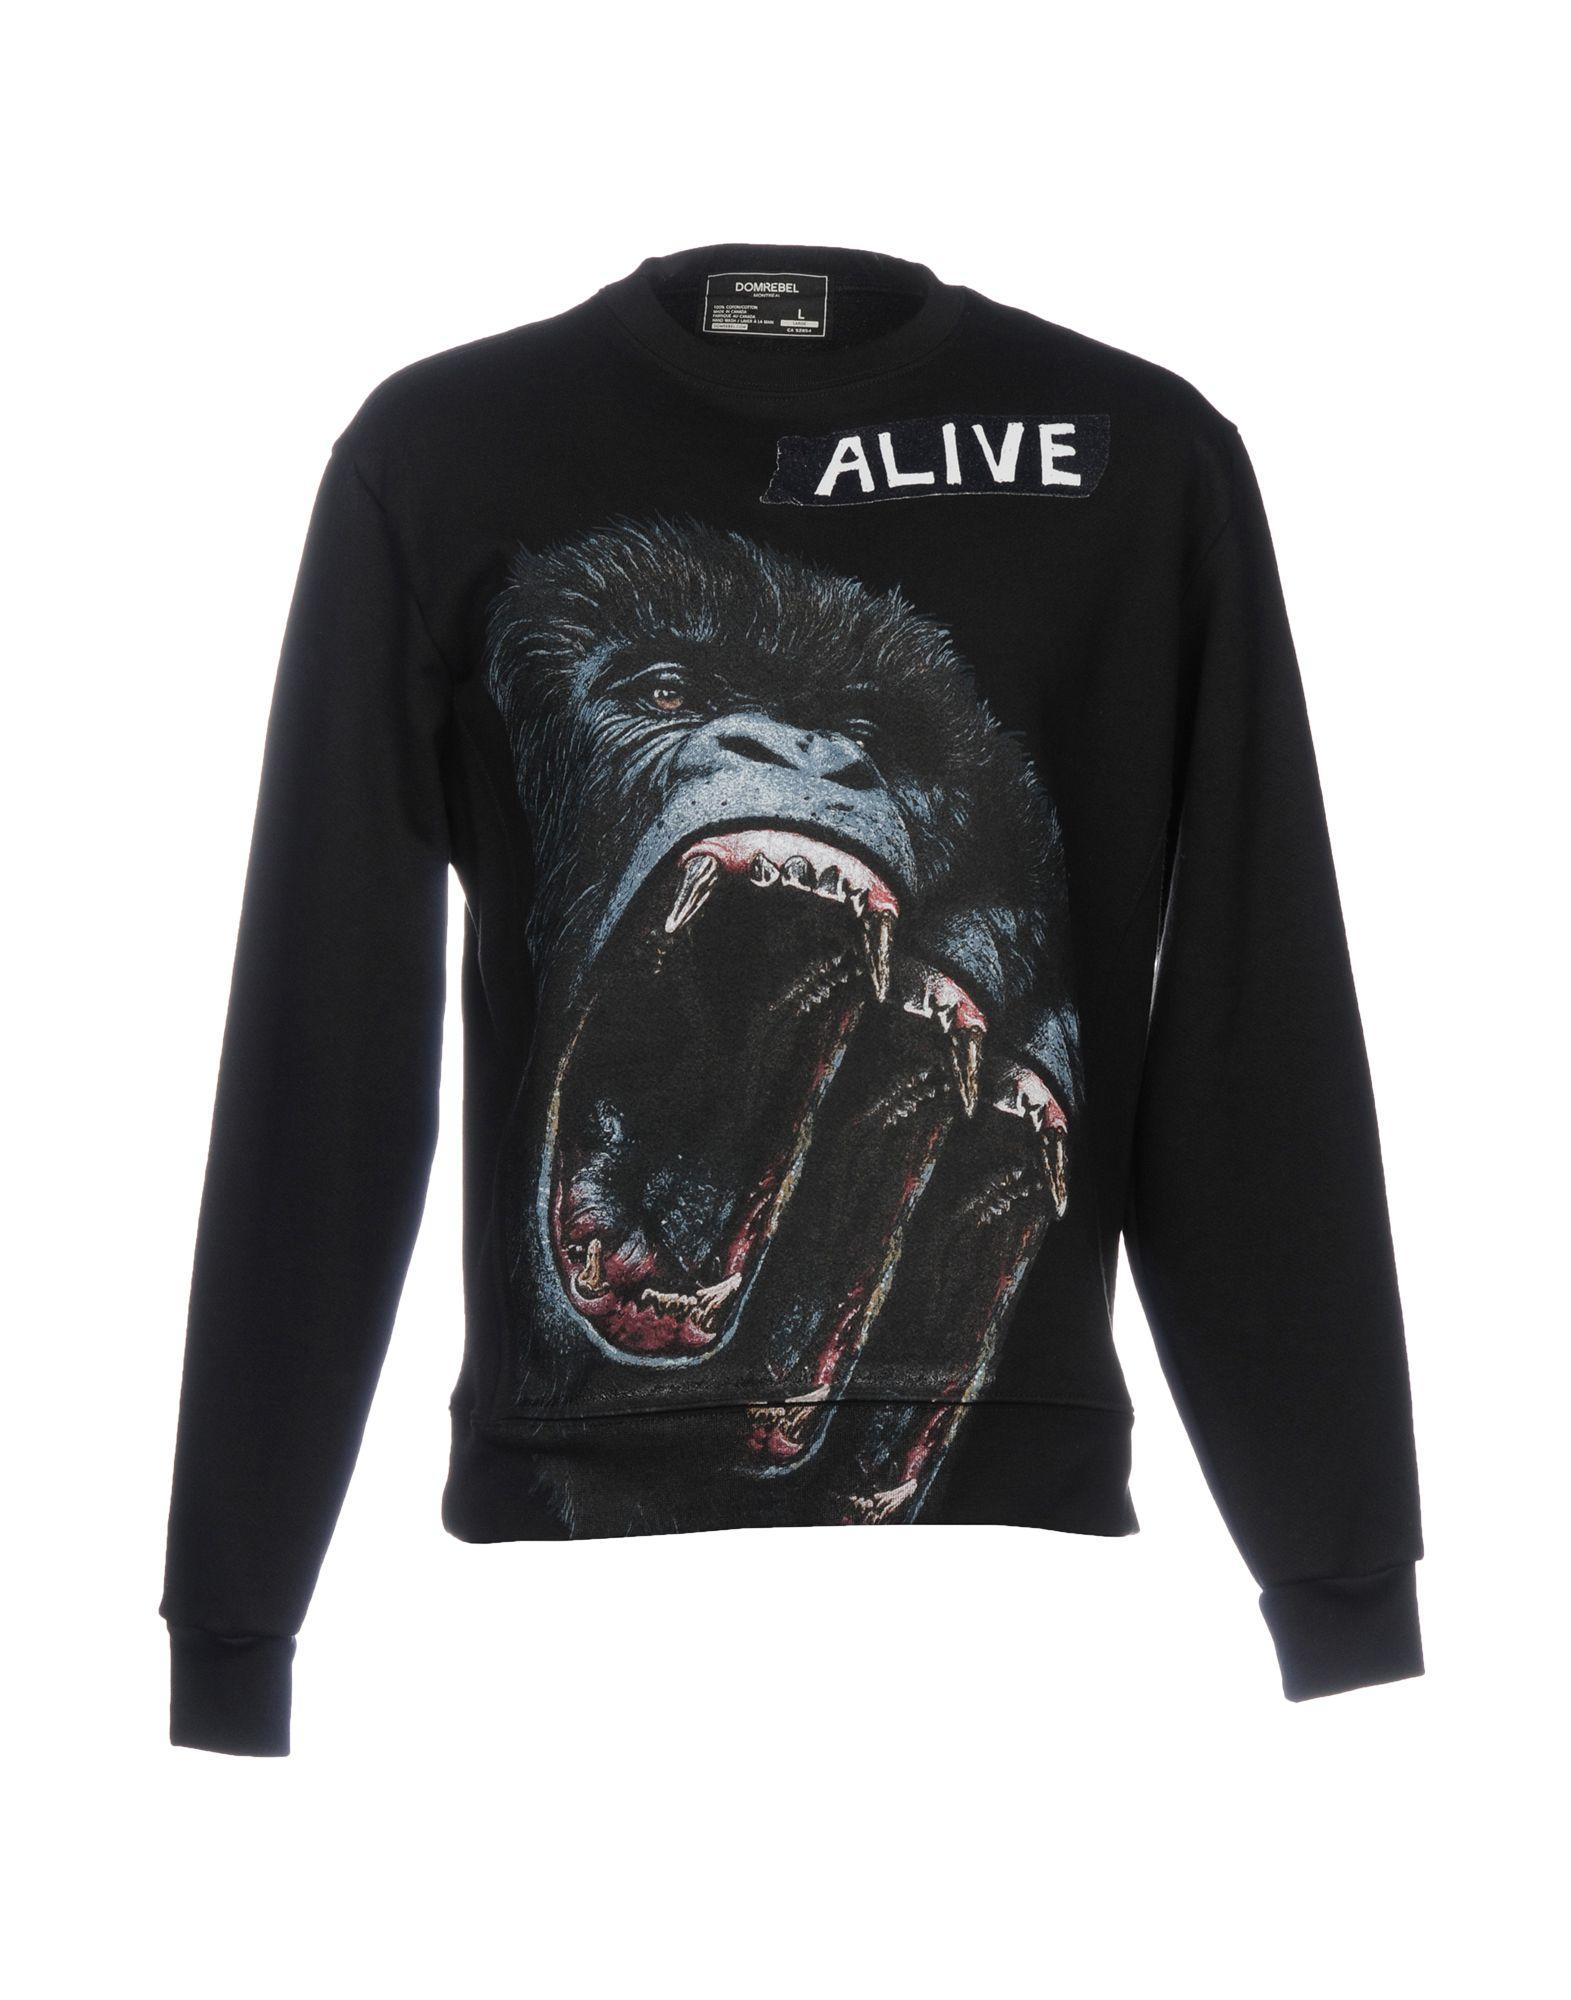 DOMREBEL Sweatshirt in Black